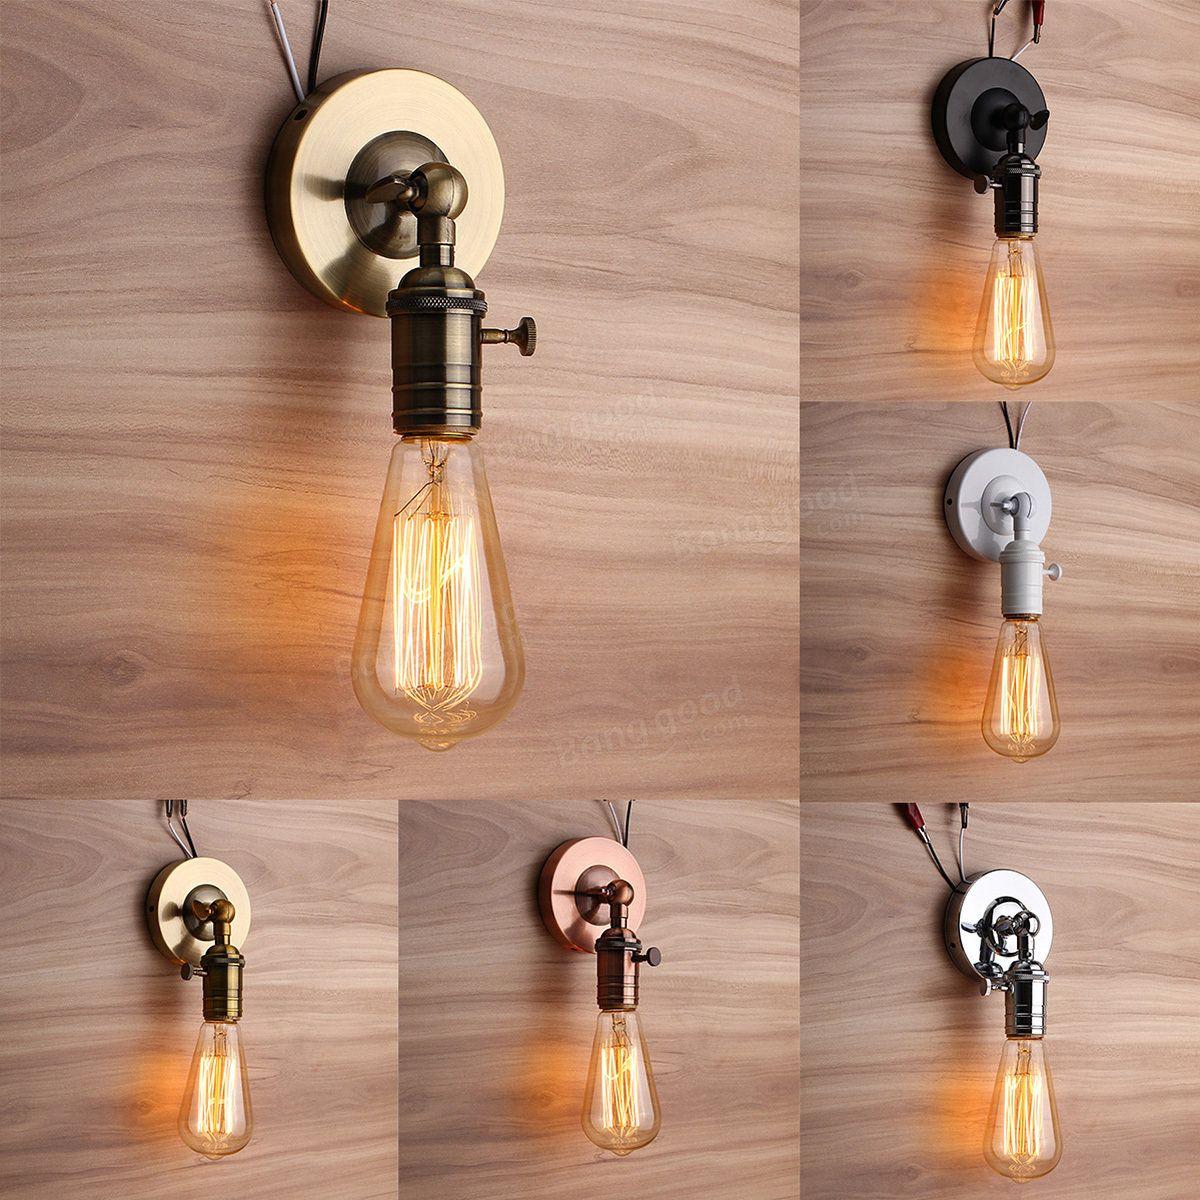 lampen selbst bauen und verkaufen ostseesuche com. Black Bedroom Furniture Sets. Home Design Ideas